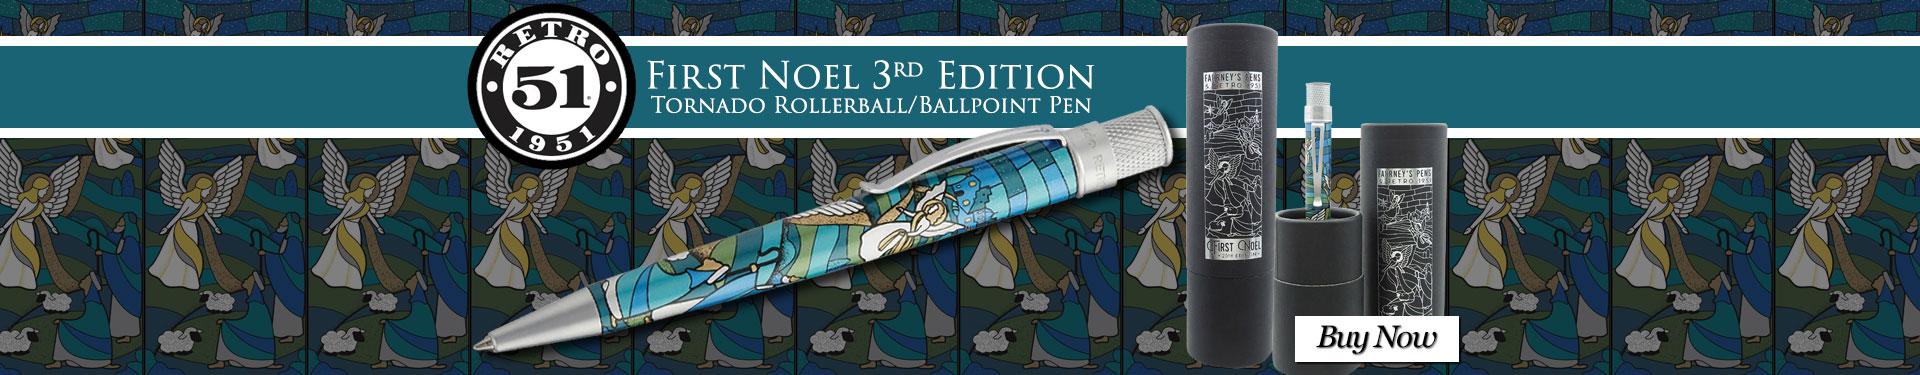 Retro 51 First Noel 3rd Edition 2018 Tornado Rollerball/Ballpoint Pen